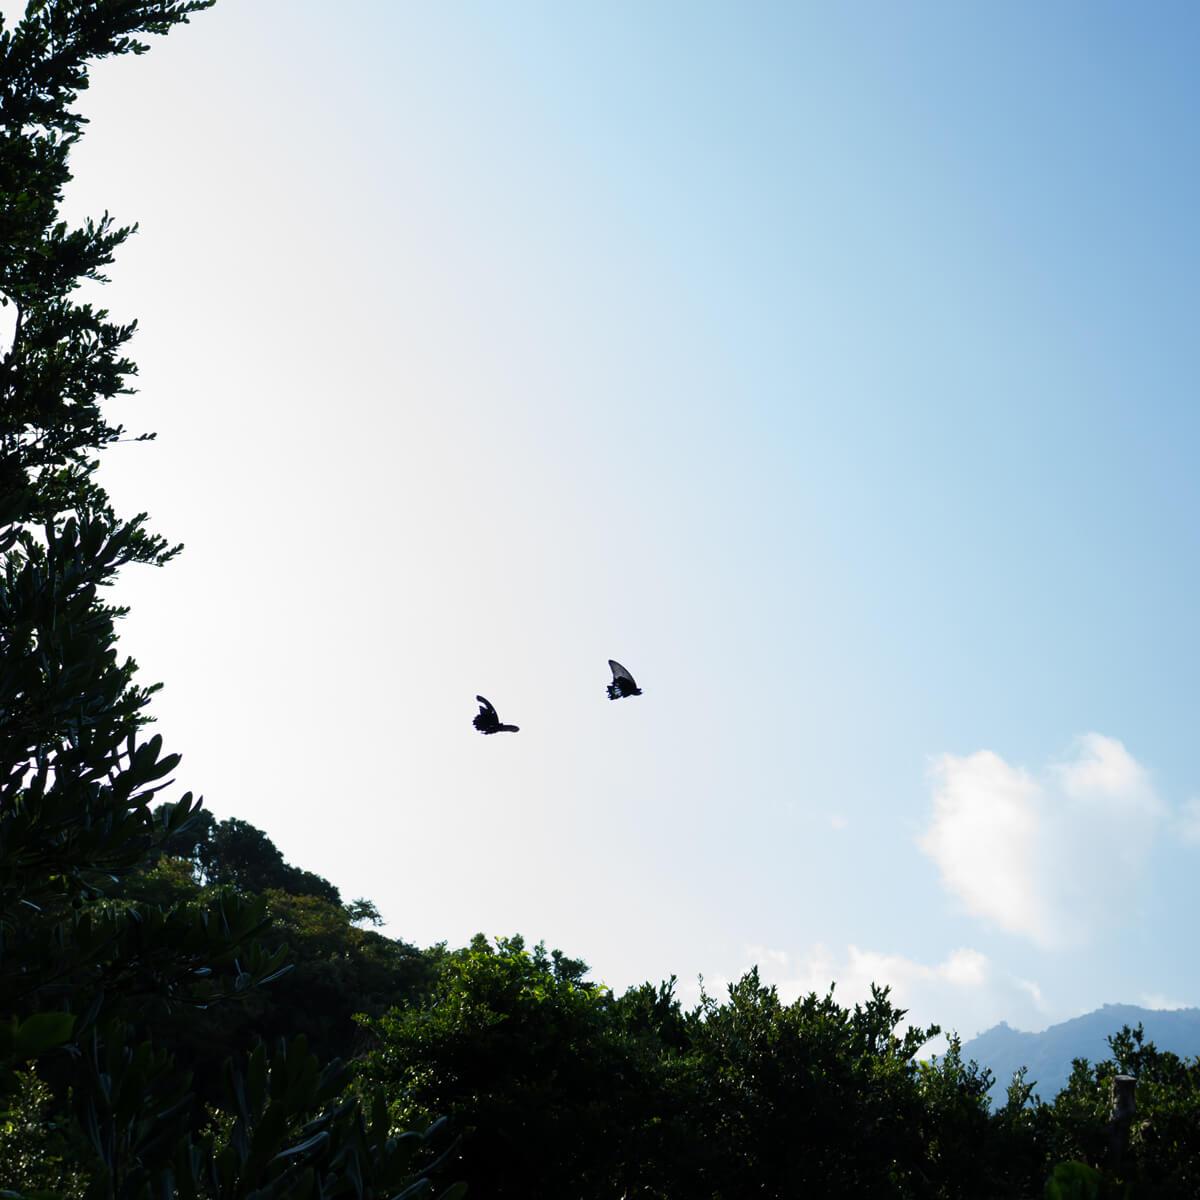 青空に蝶々 屋久島の山々 屋久島の木々 屋久島日々の暮らしとジュエリー 屋久島でオーダーメイド結婚指輪